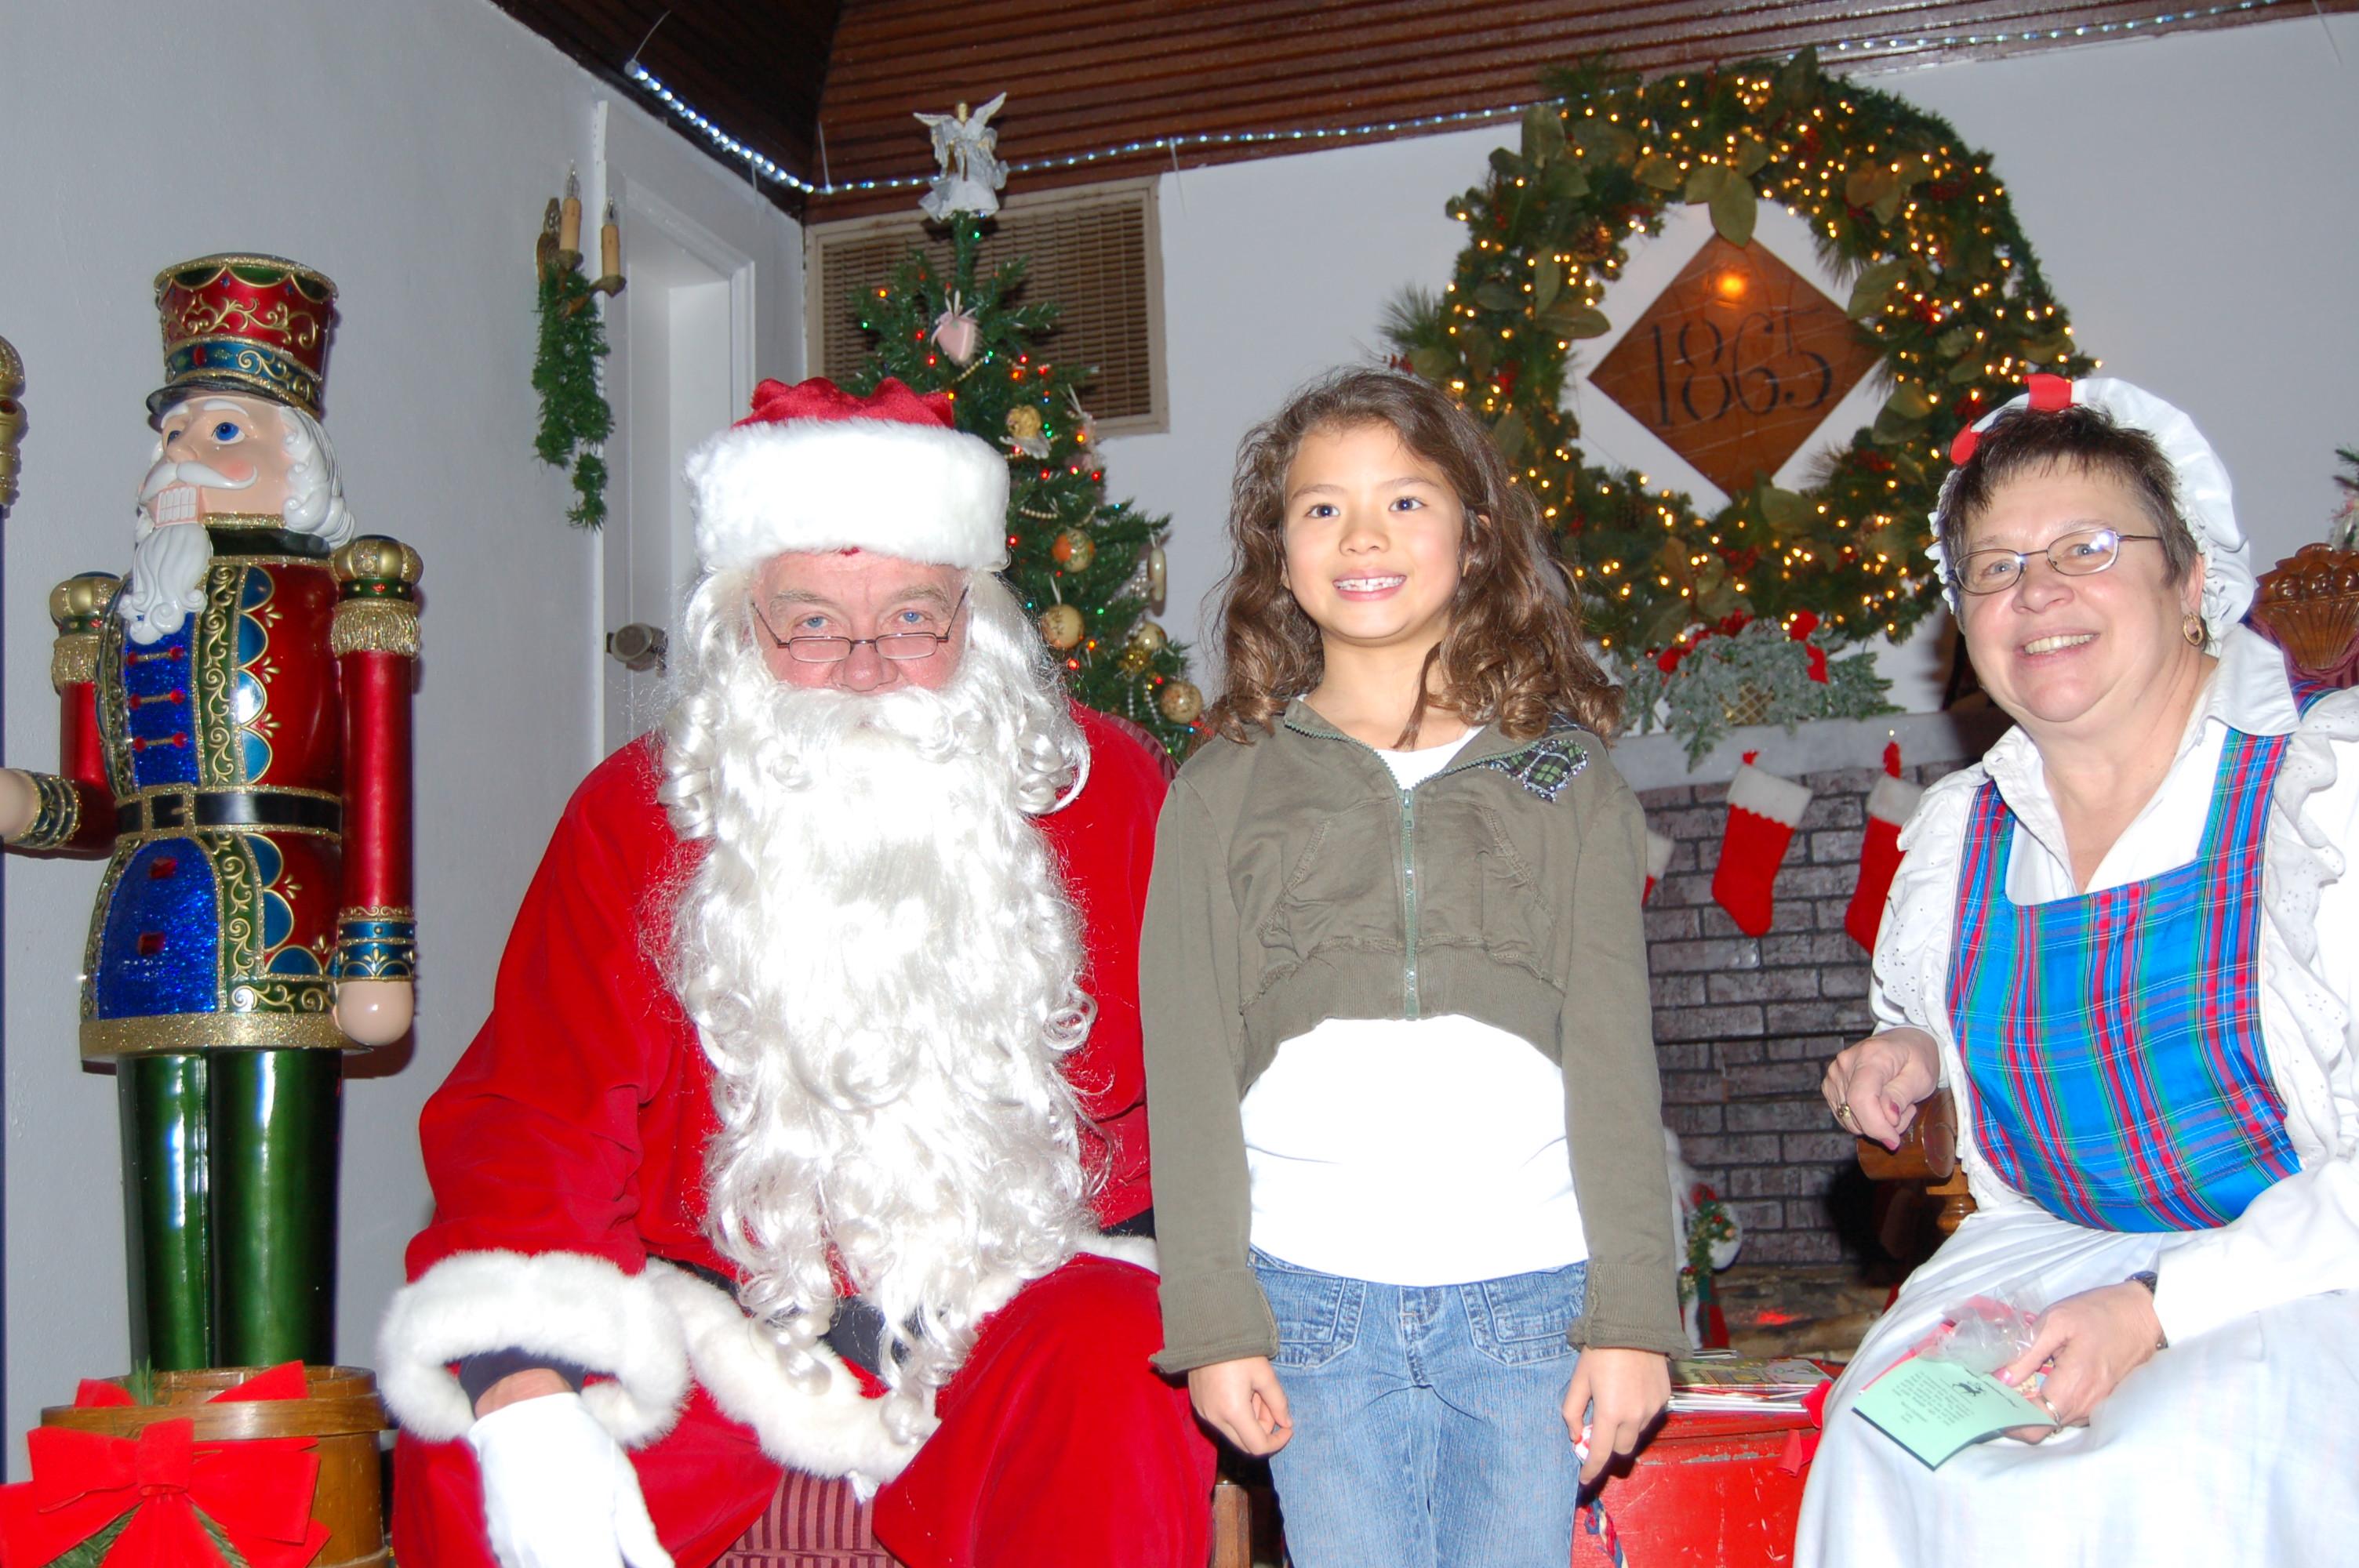 LolliPop+Lane+12-11-2008+Picture+028.jpg